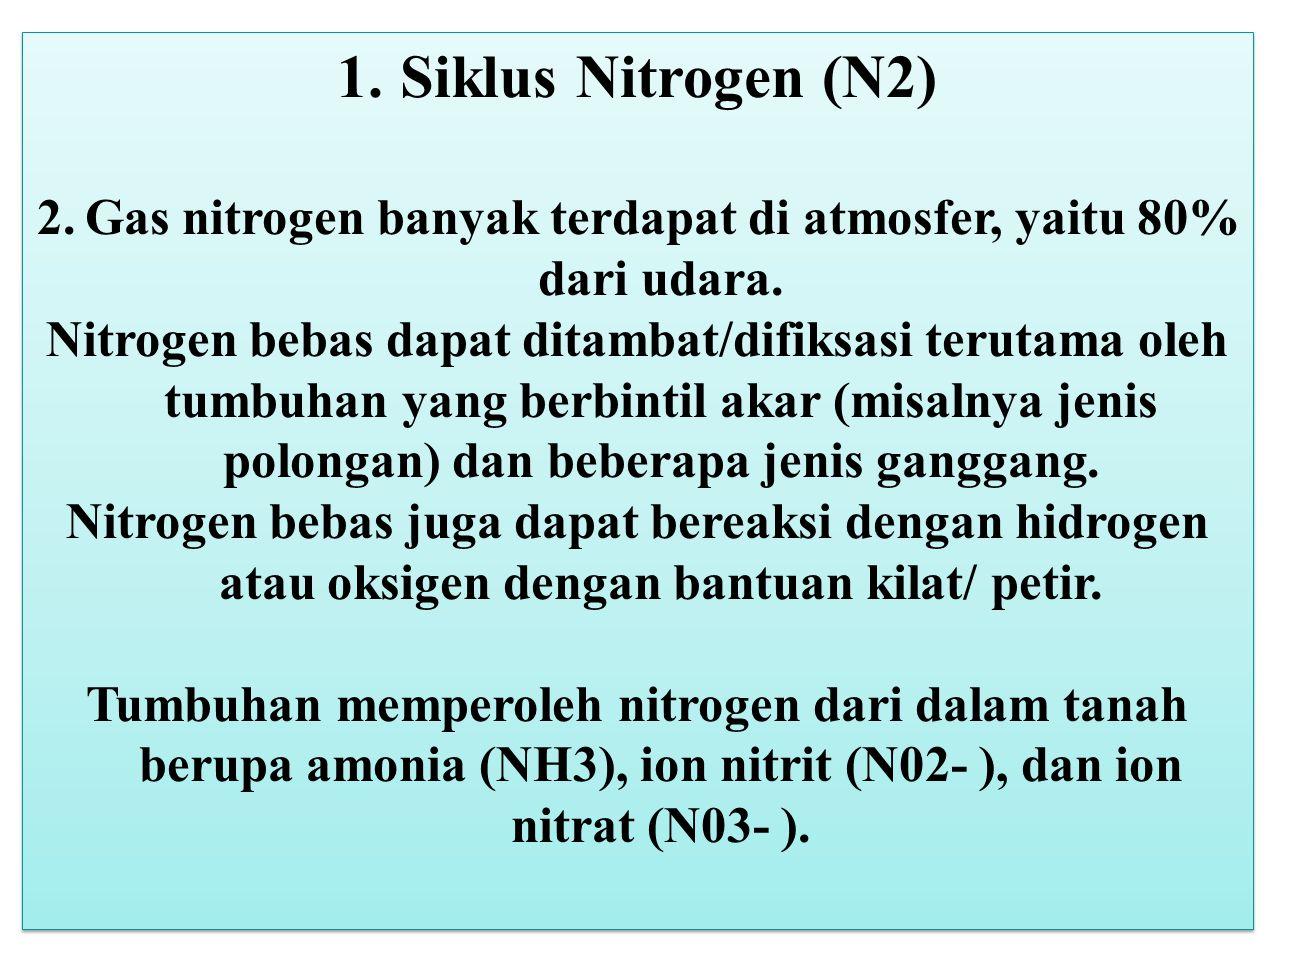 Gas nitrogen banyak terdapat di atmosfer, yaitu 80% dari udara.